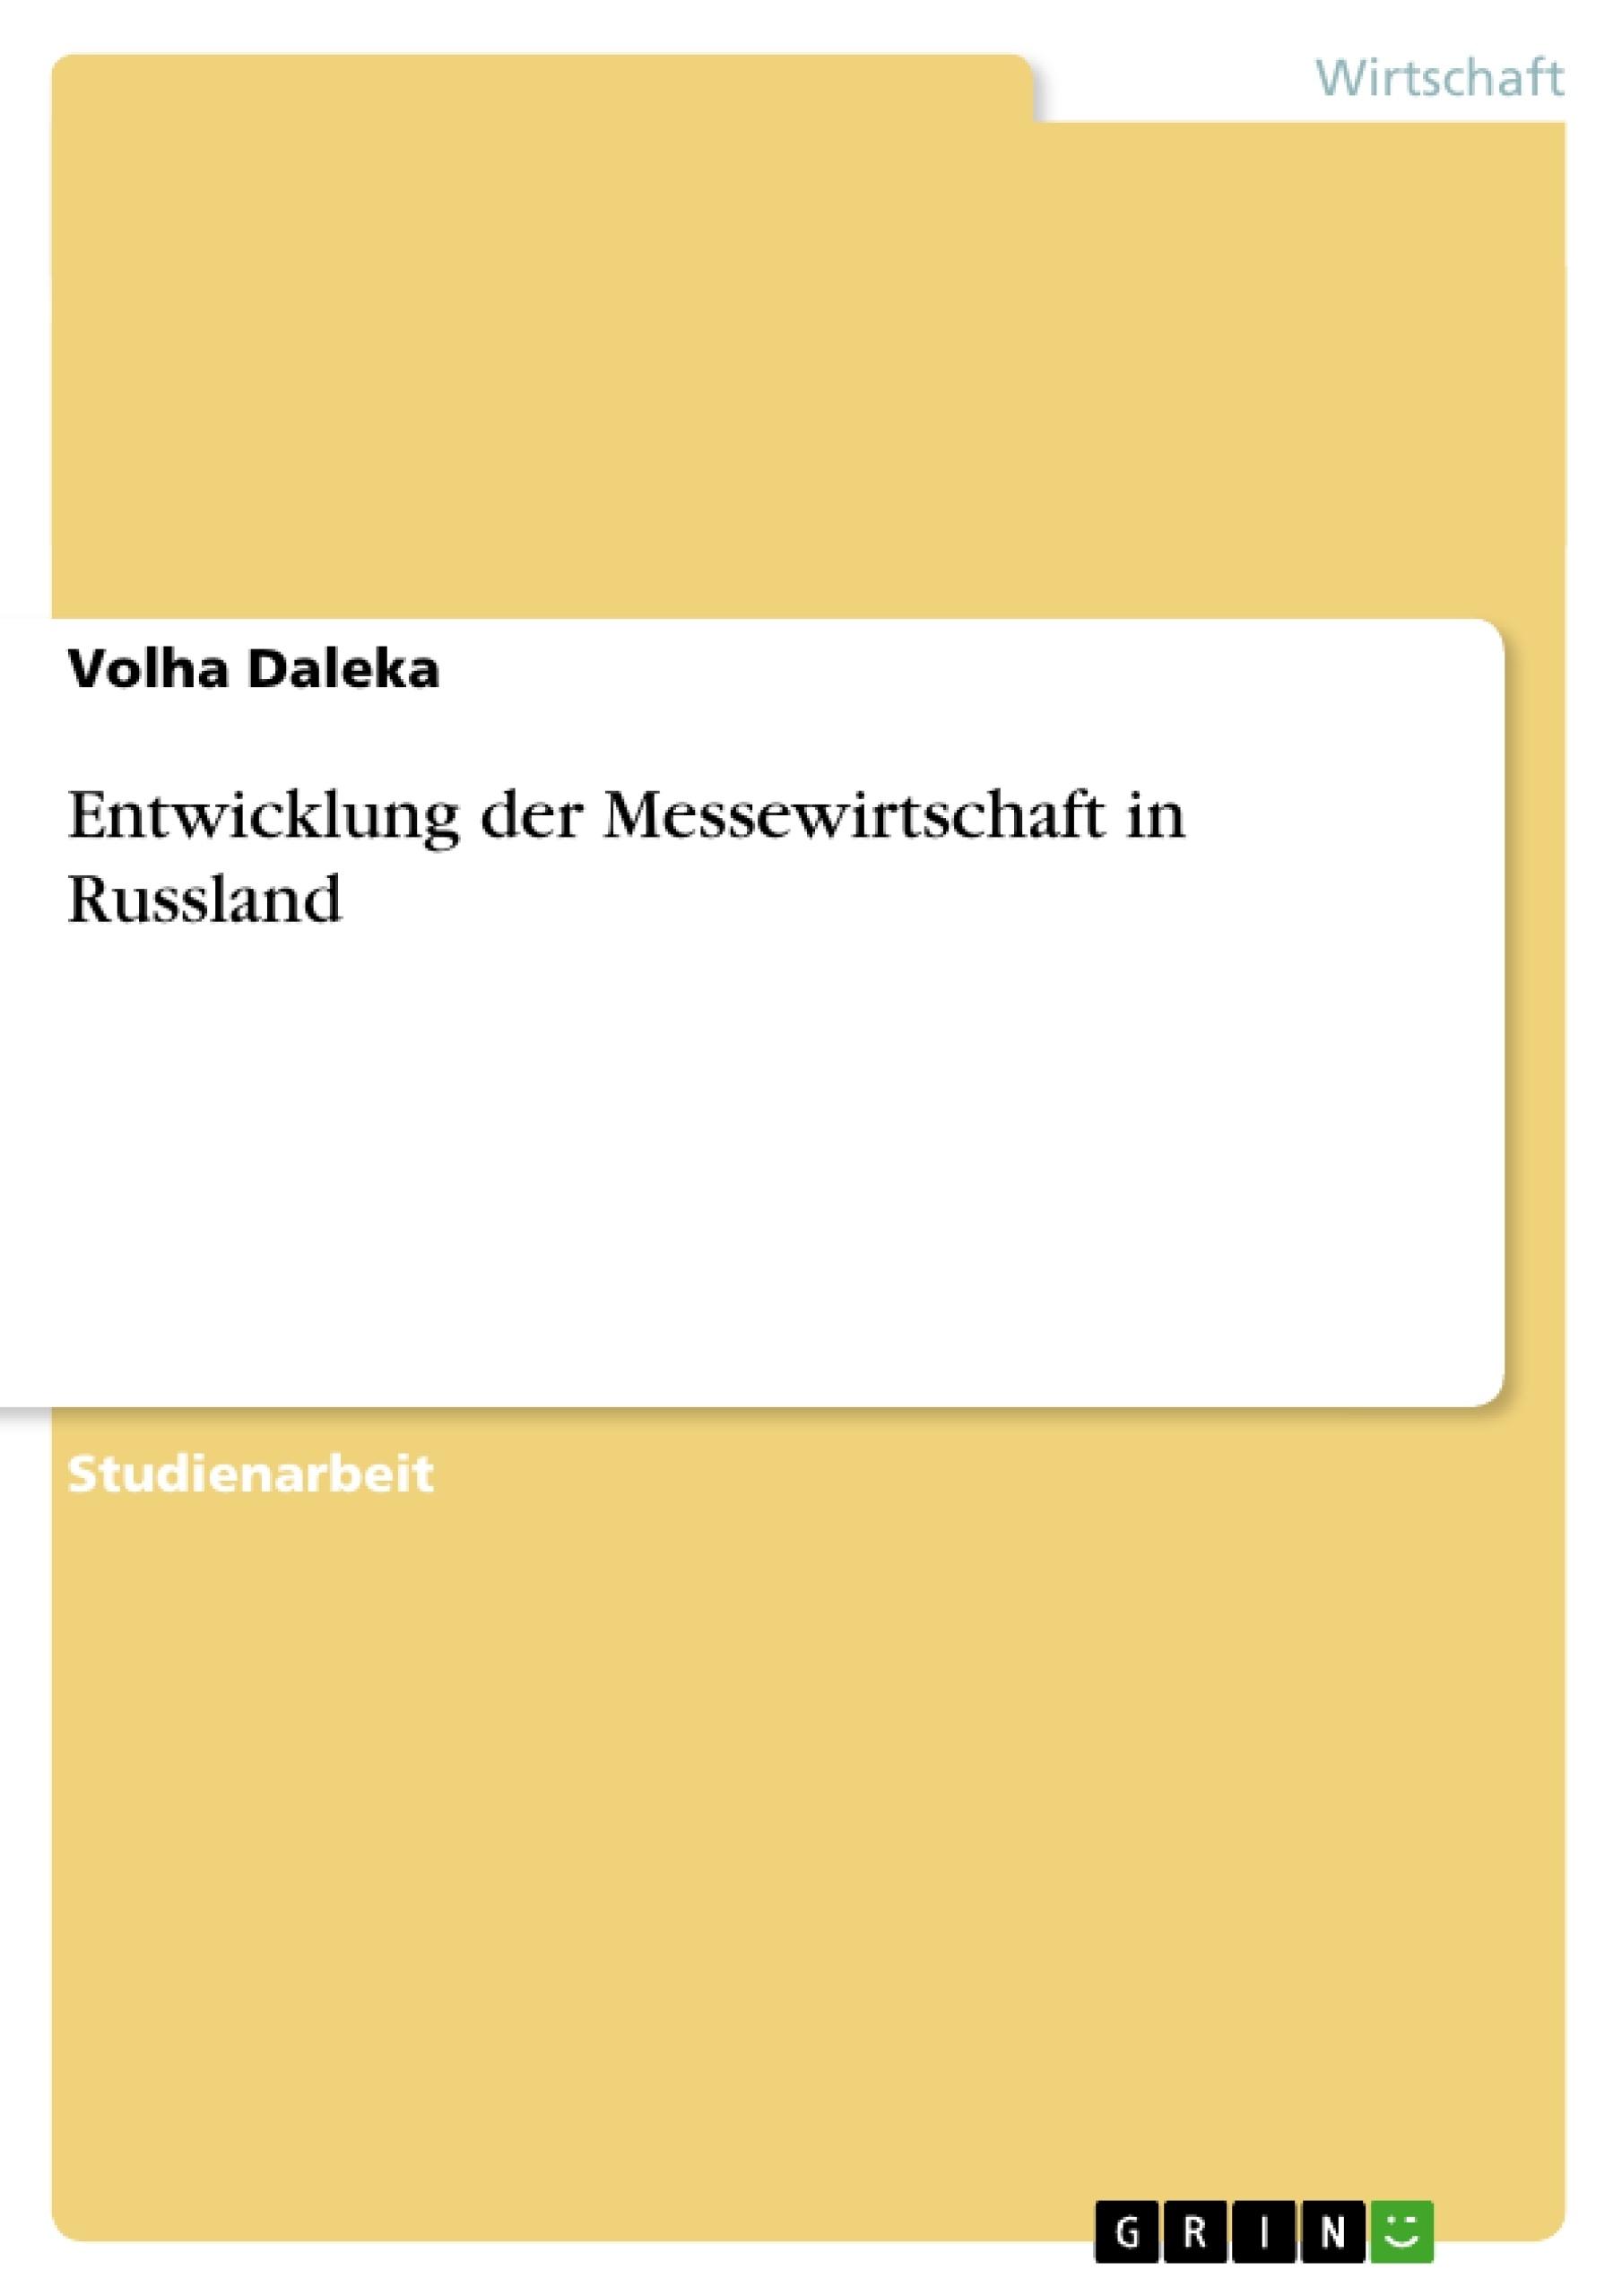 Titel: Entwicklung der Messewirtschaft in Russland